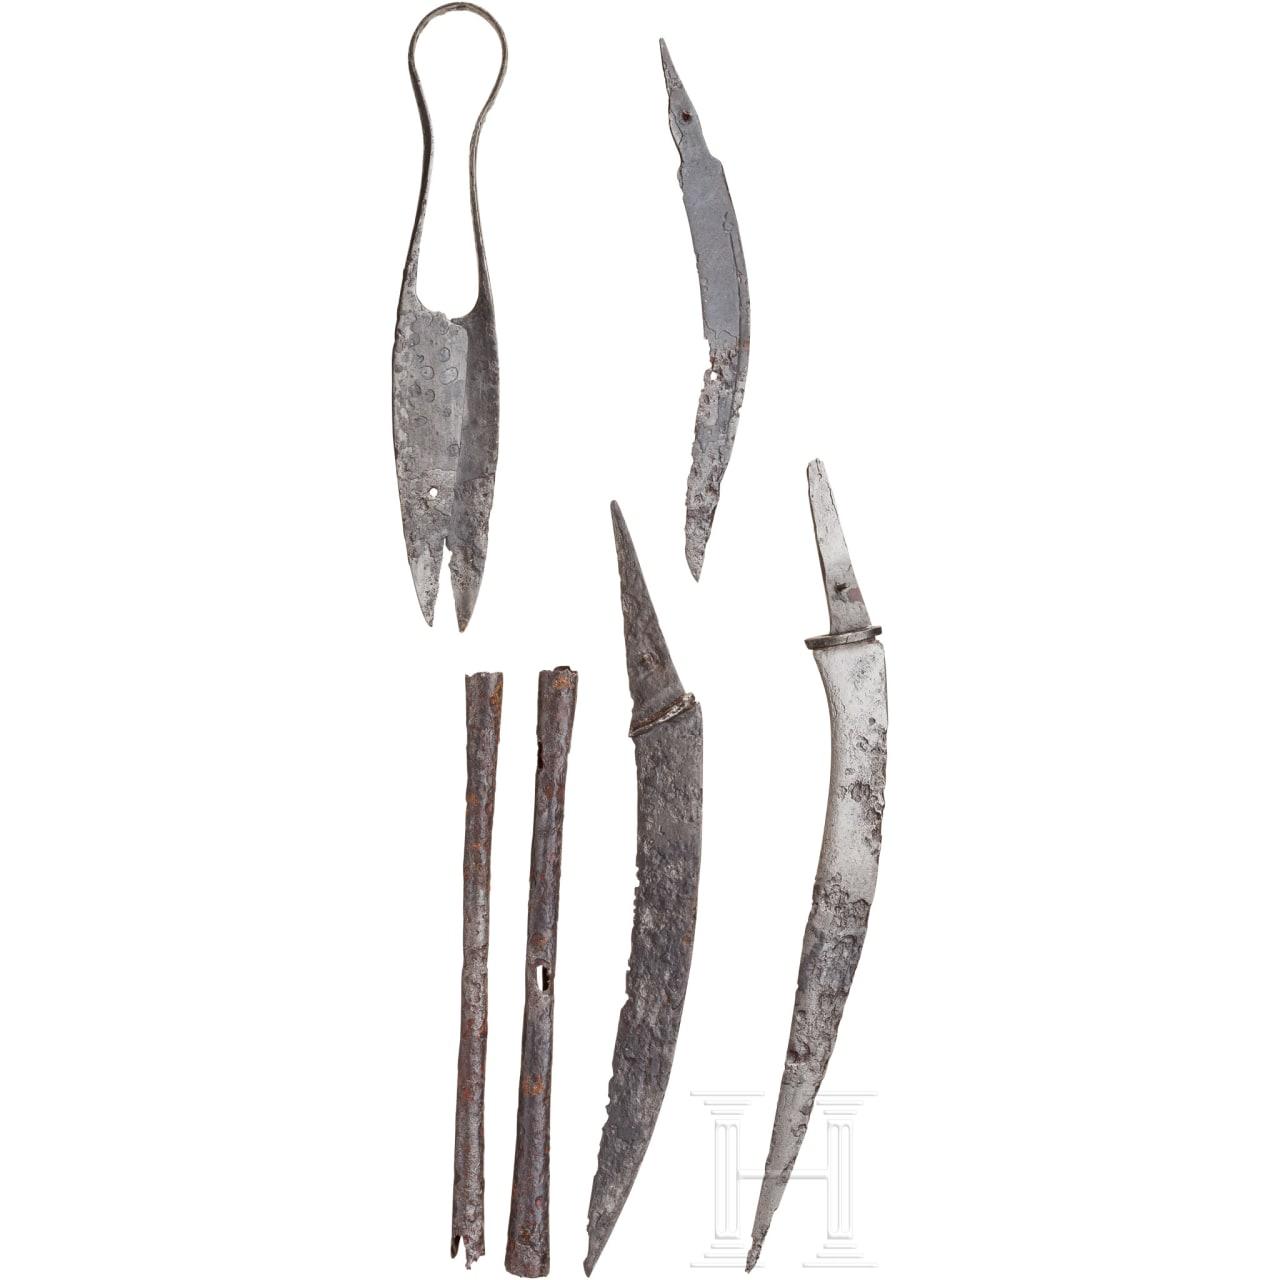 Sechs Eisenwerkzeuge, eisenzeitlich-römisch